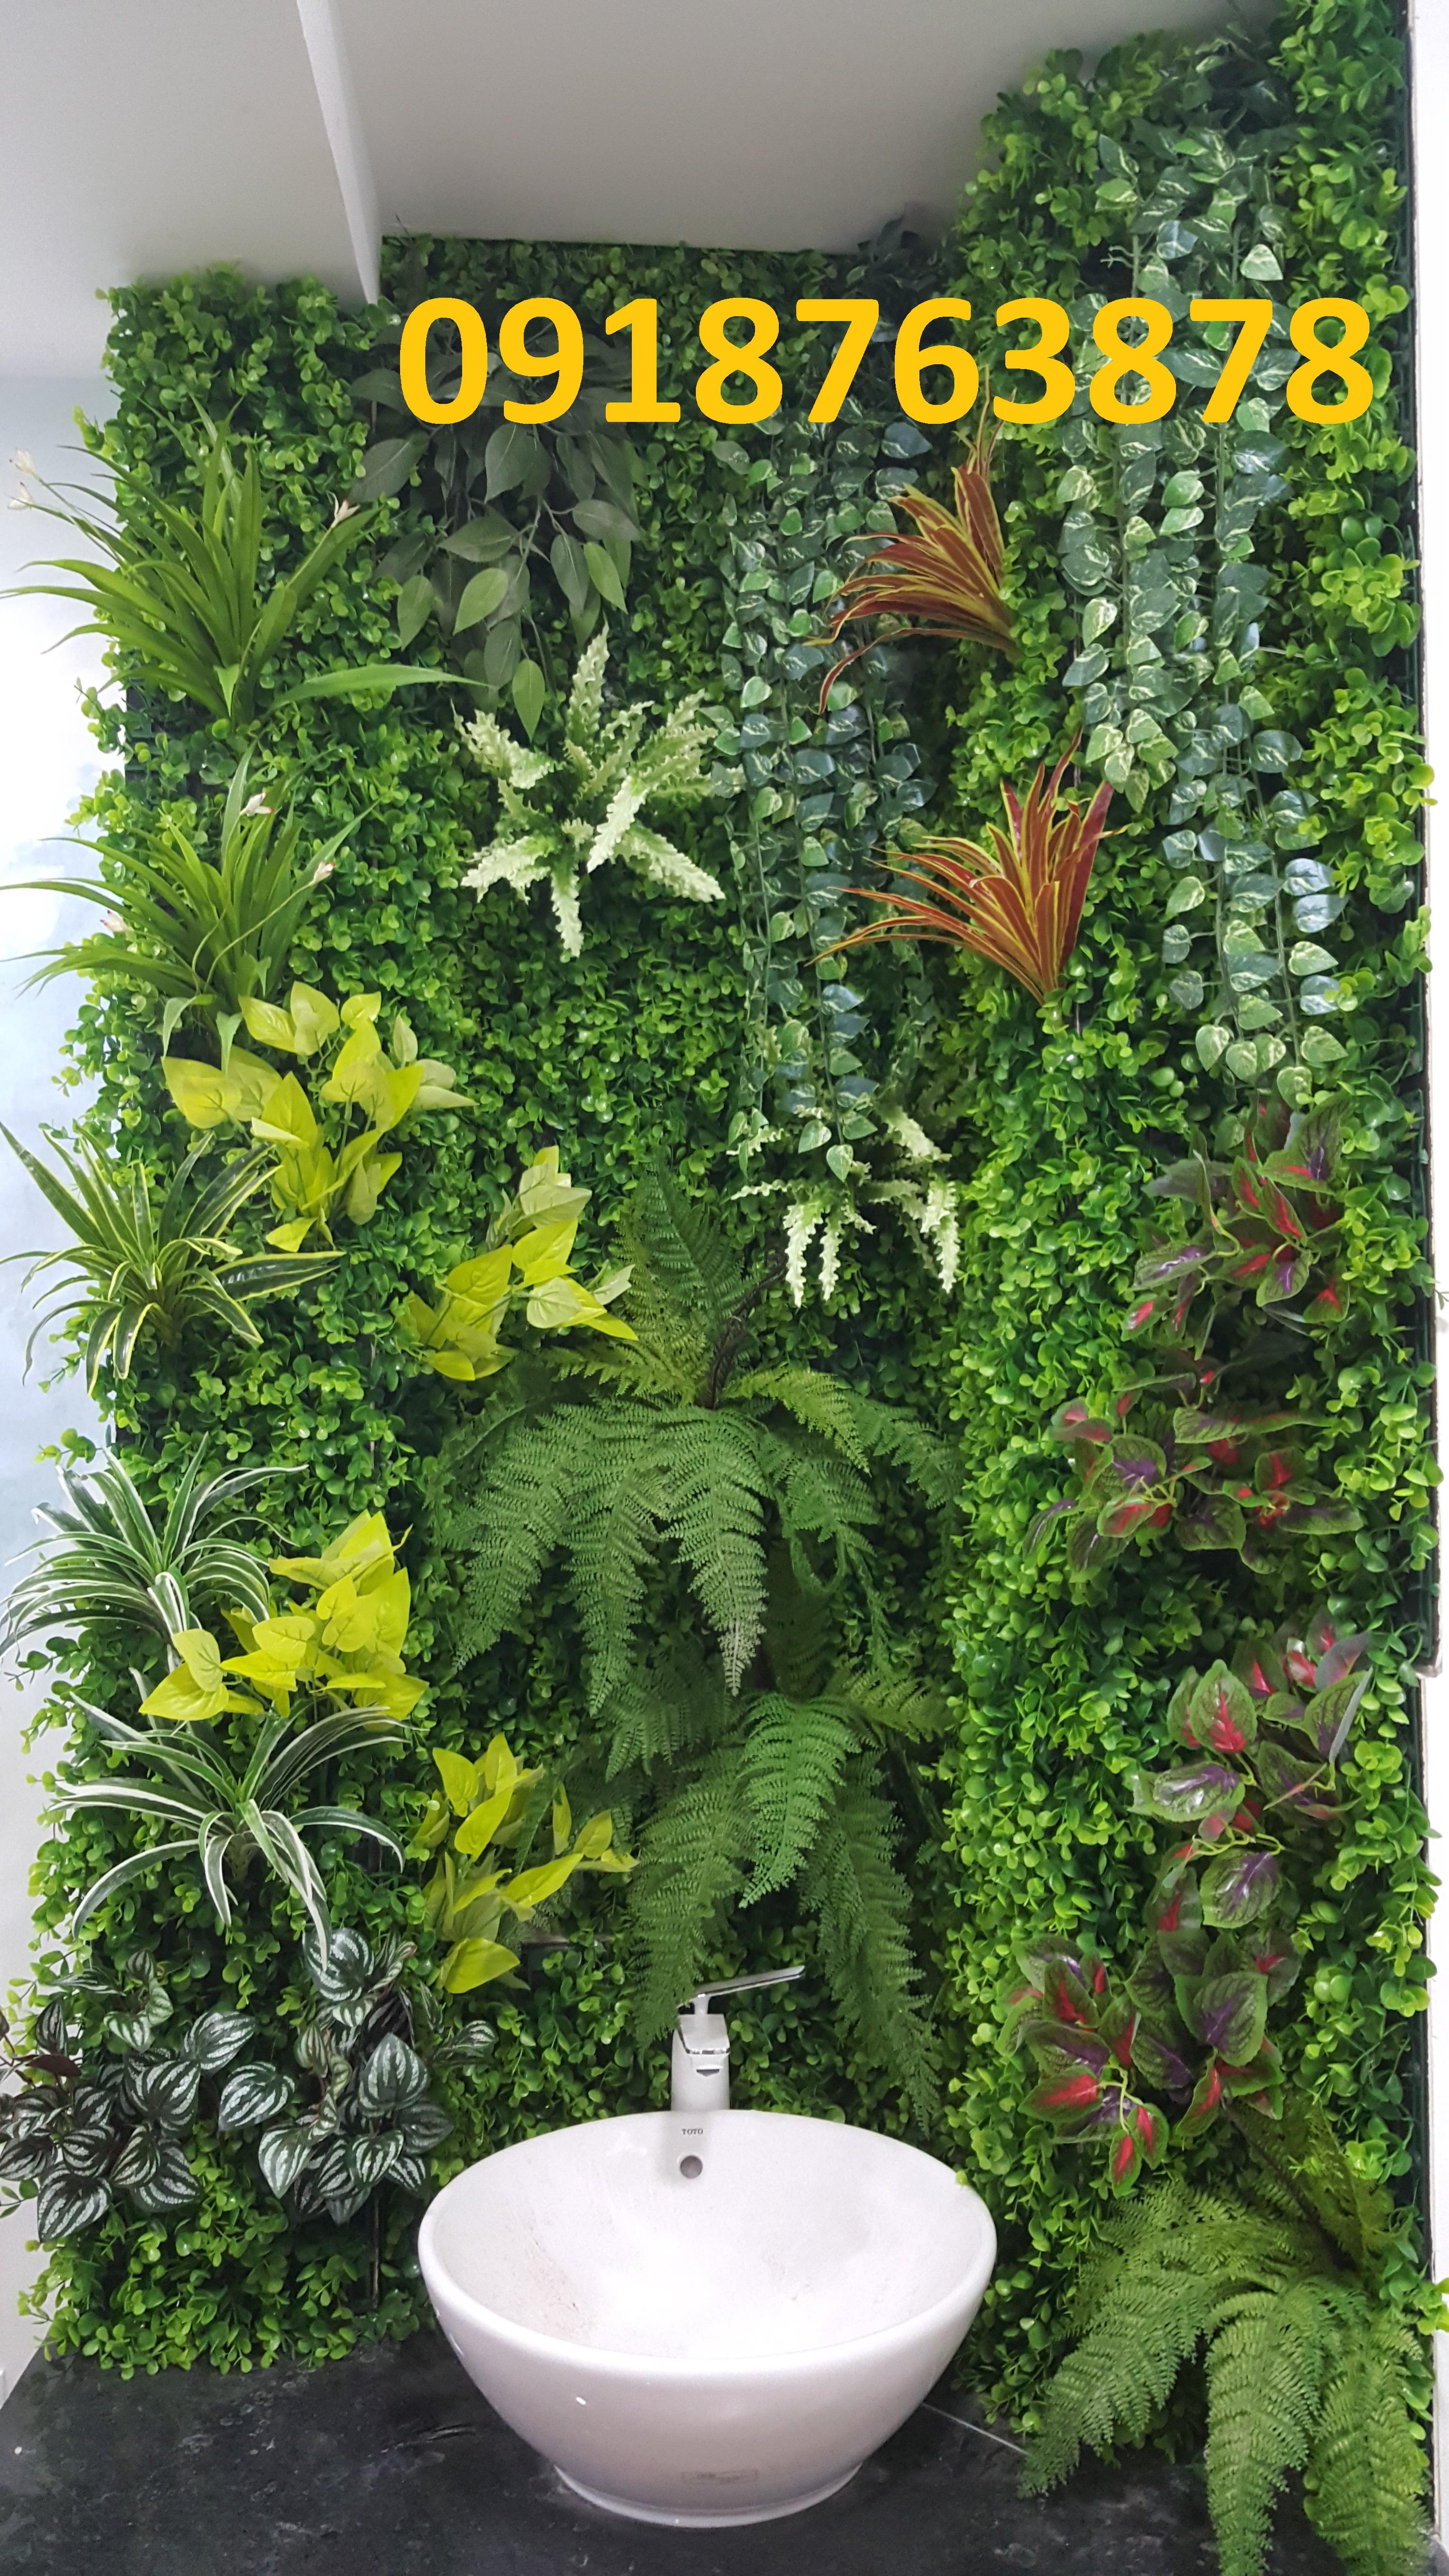 Thi công tường cây cỏ giả tại TPHCM